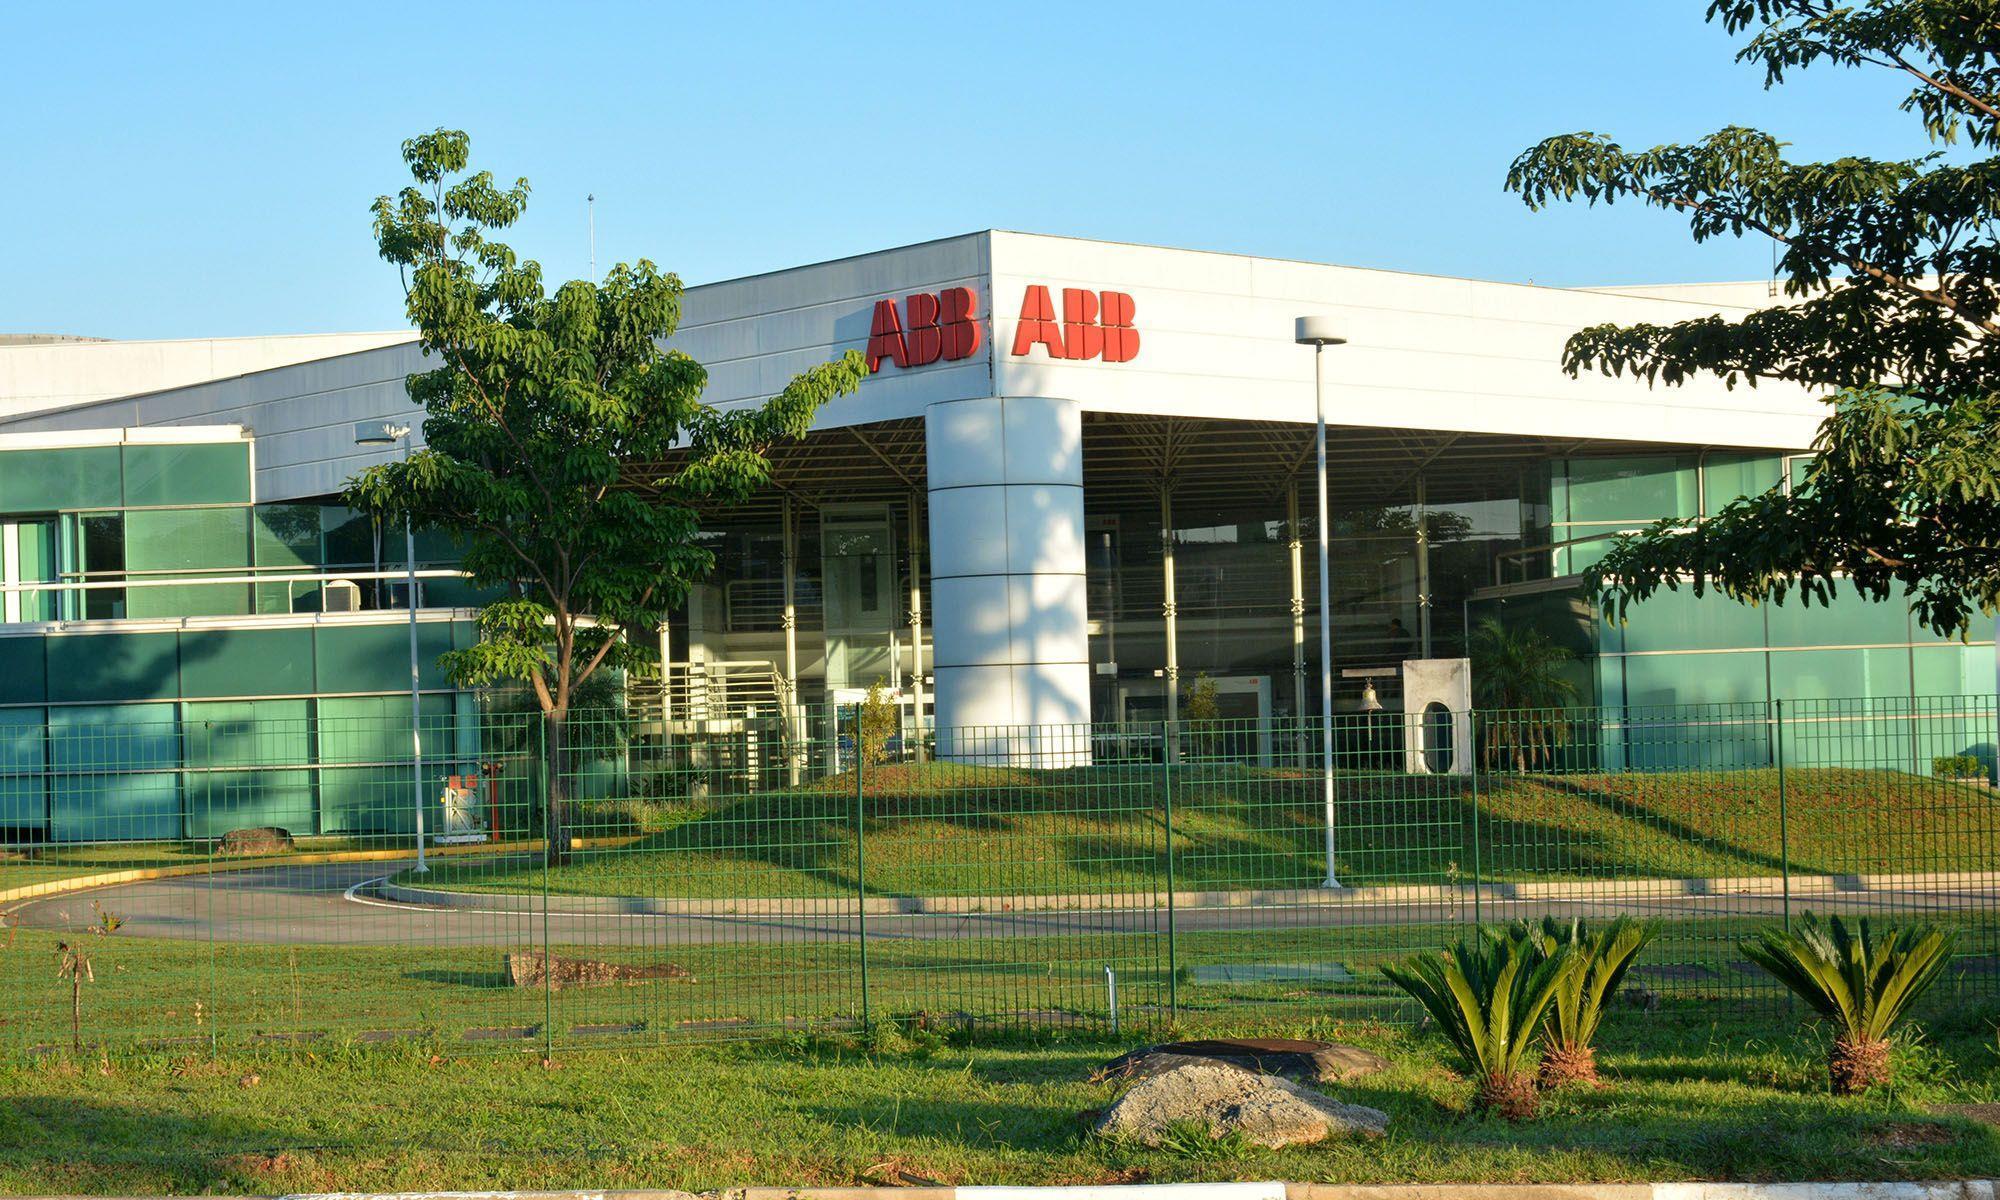 abb, smetal, sorocaba, fachada, Arquivo/Foguinho Imprensa SMetal